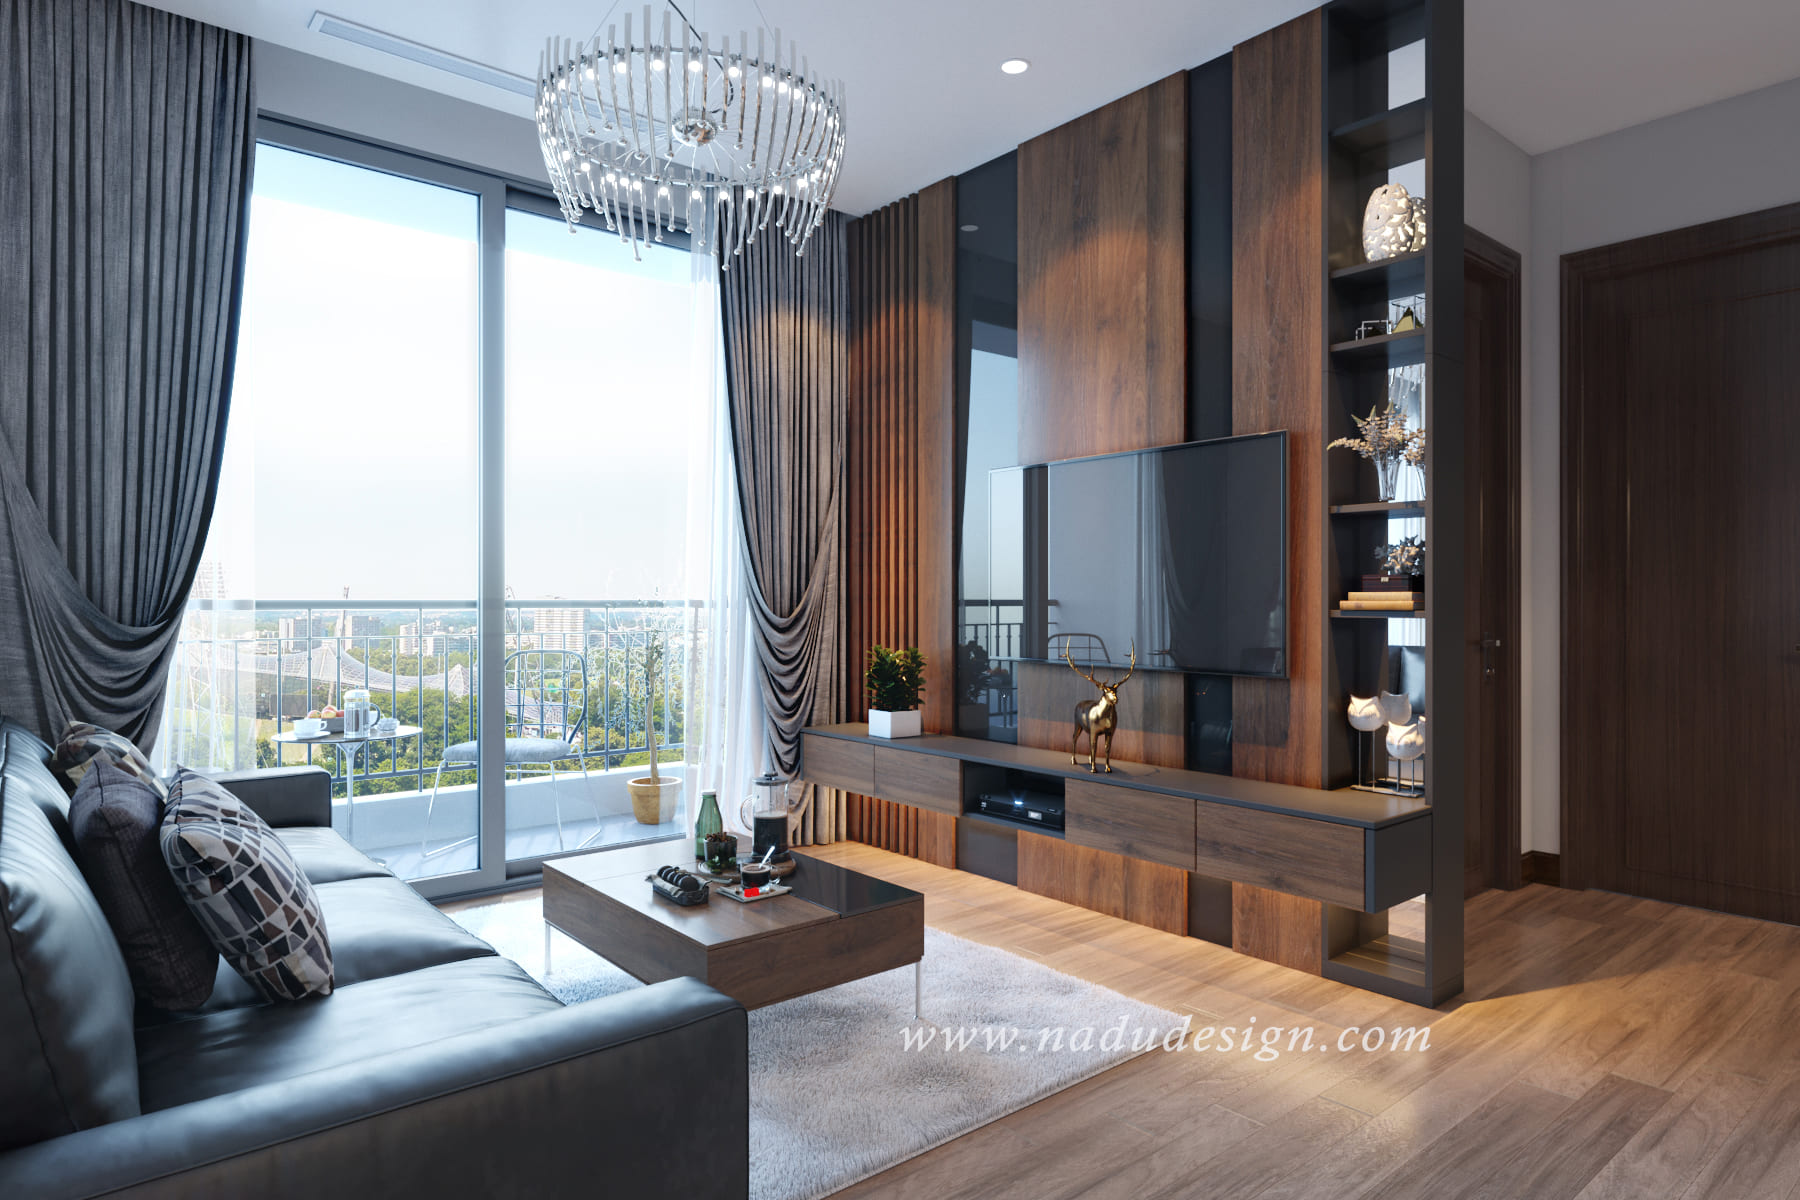 Thiết kế nội thất đẳng cấp cho căn hộ chung cư Vinhomes Green Bay